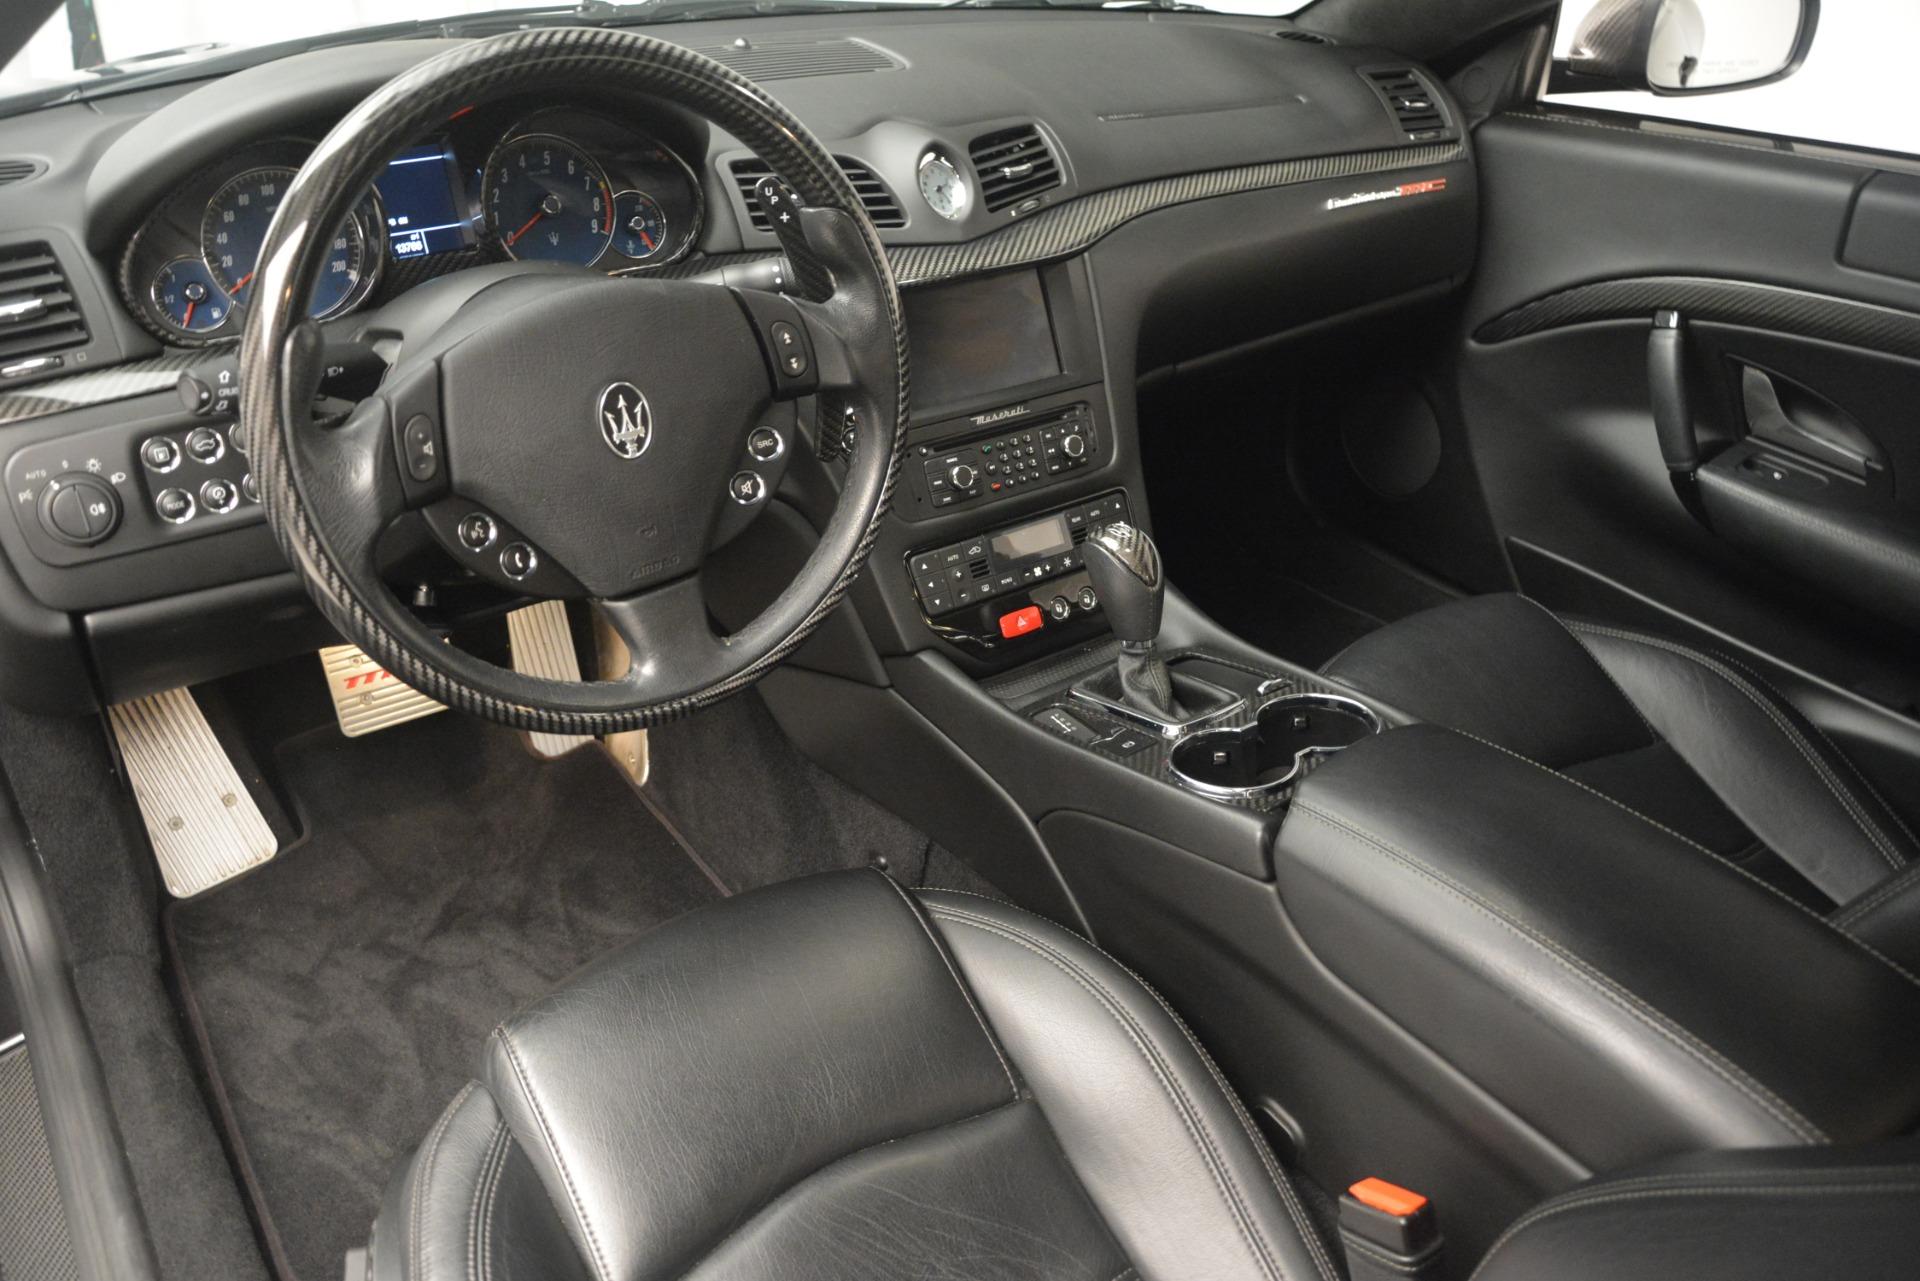 Used 2012 Maserati GranTurismo MC For Sale In Westport, CT 1284_p13